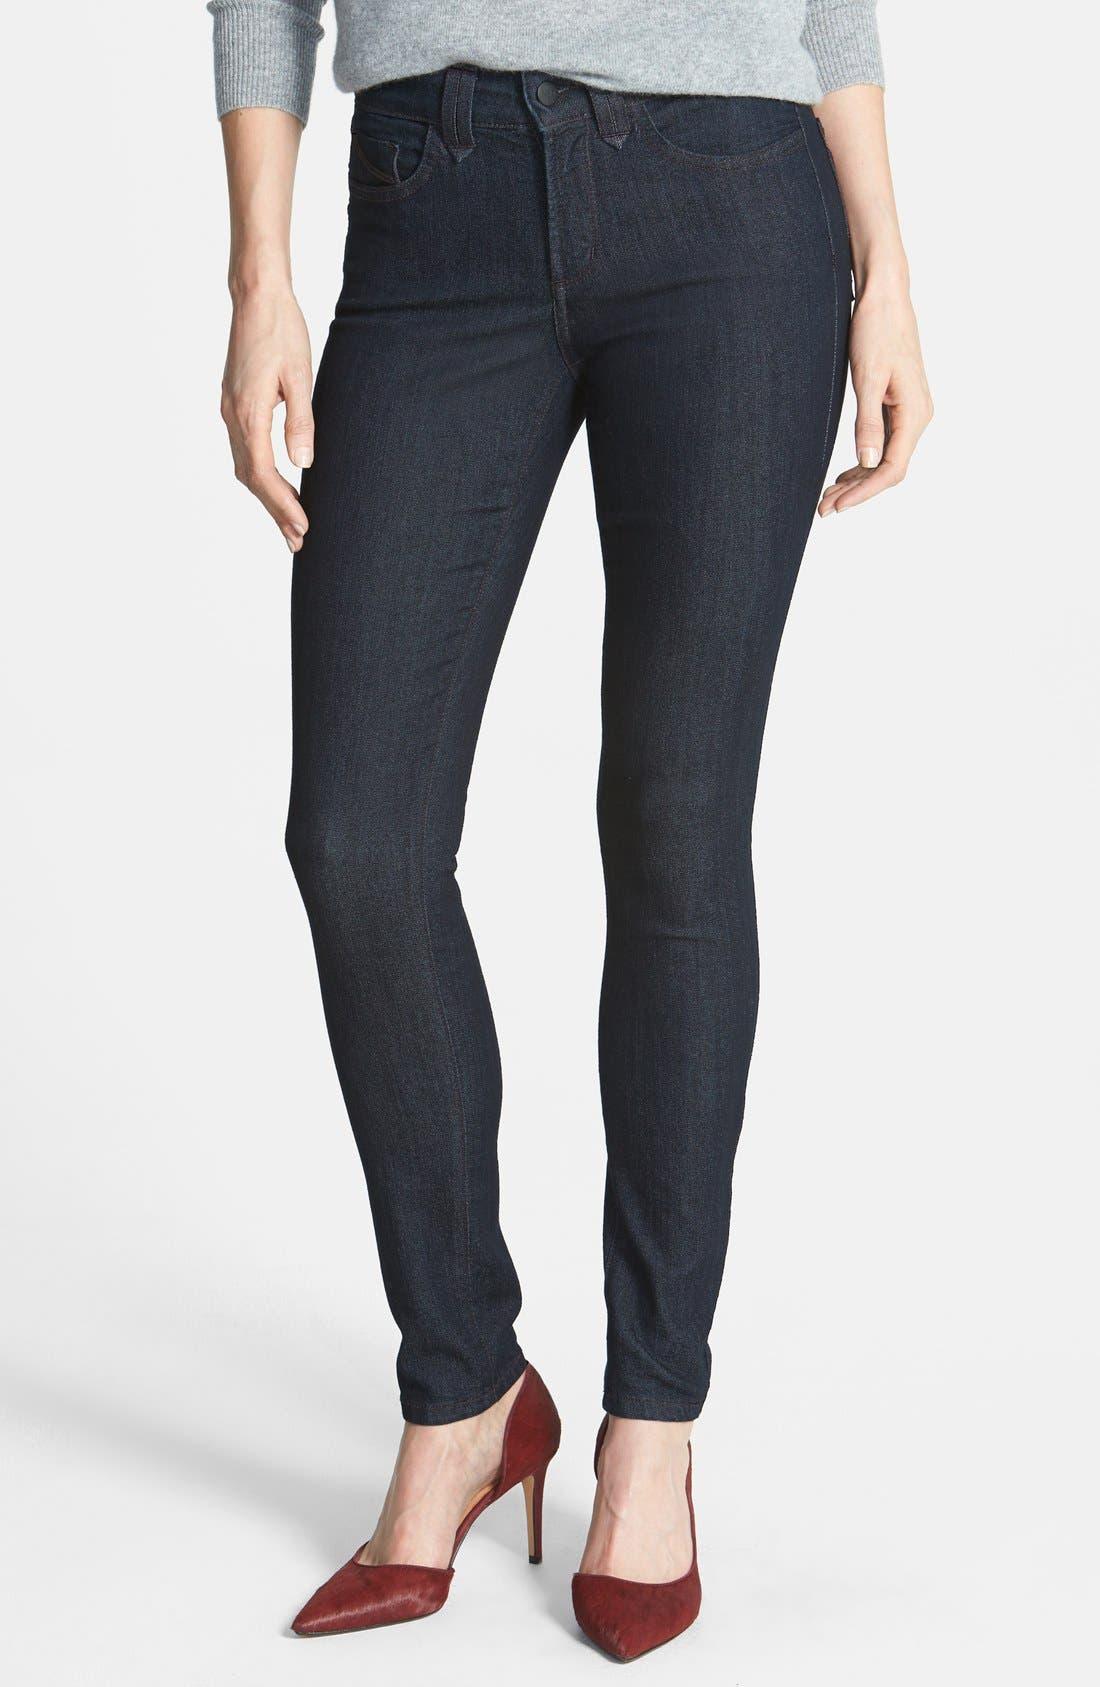 Main Image - NYDJ 'Ami' Contrast Stitch Stretch Skinny Jeans (Dark Enzyme)